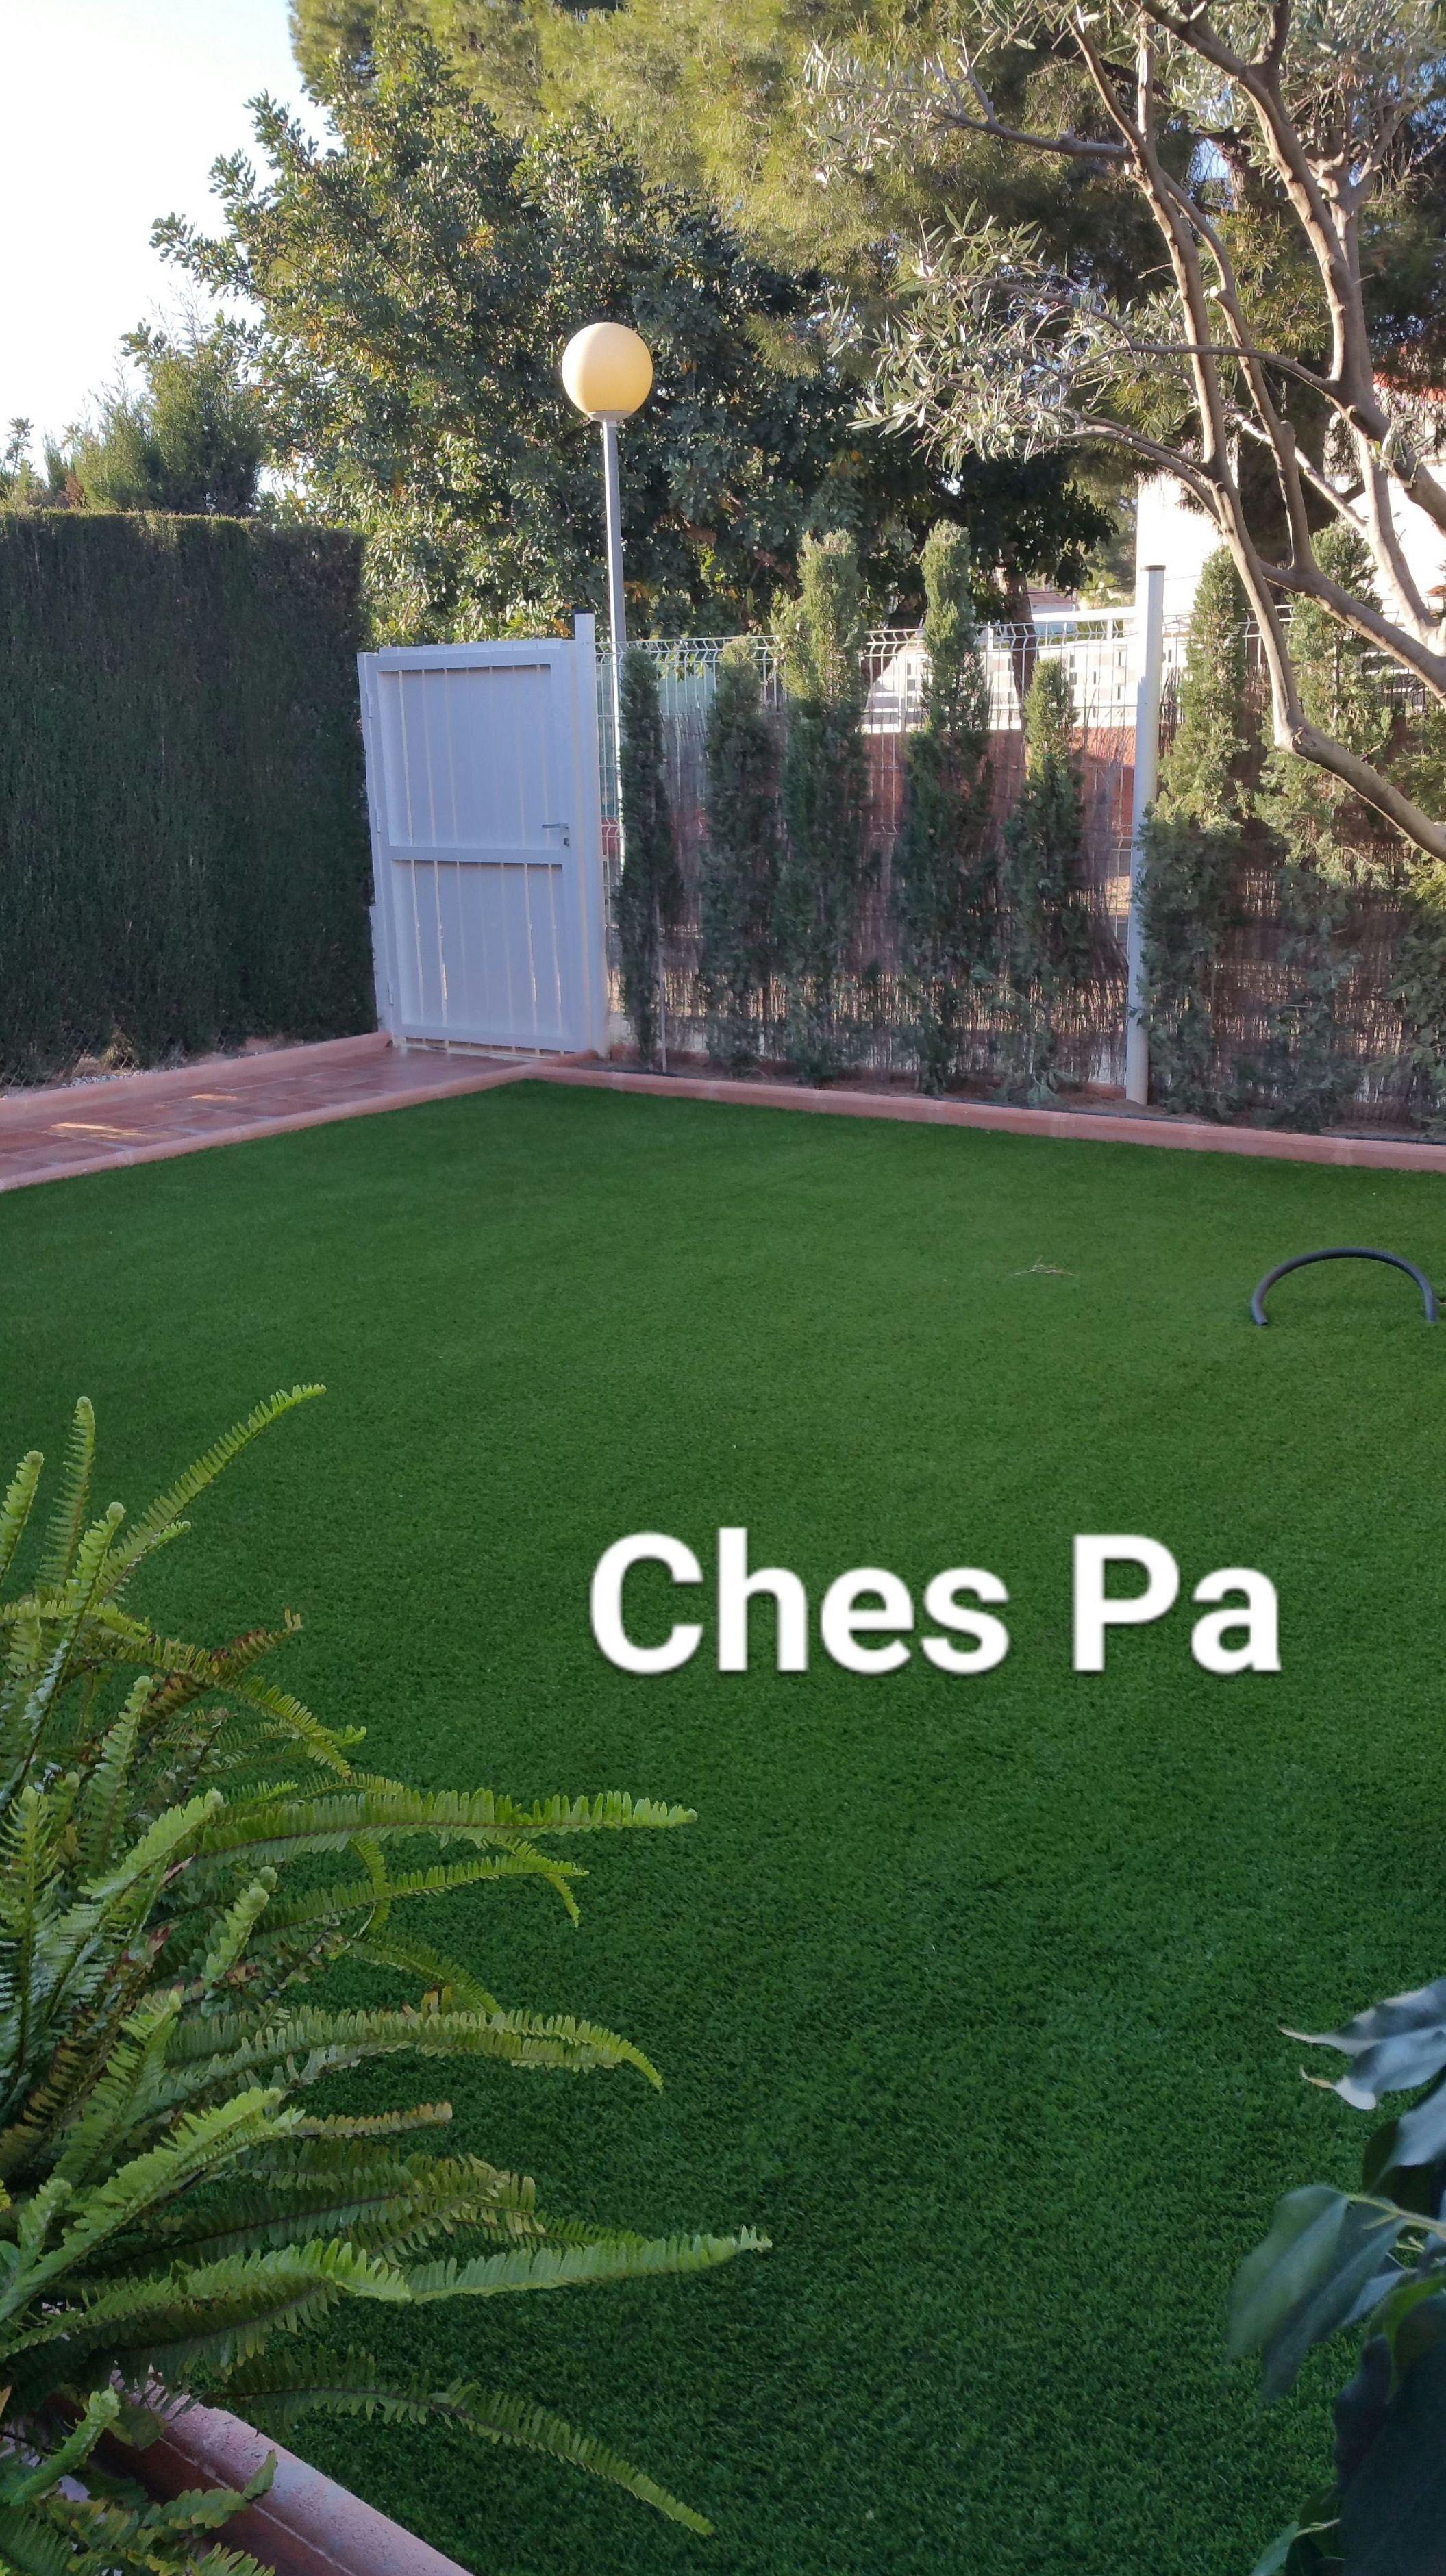 Foto 612 de Diseño y mantenimiento de jardines en Valencia | Ches Pa, S.L.